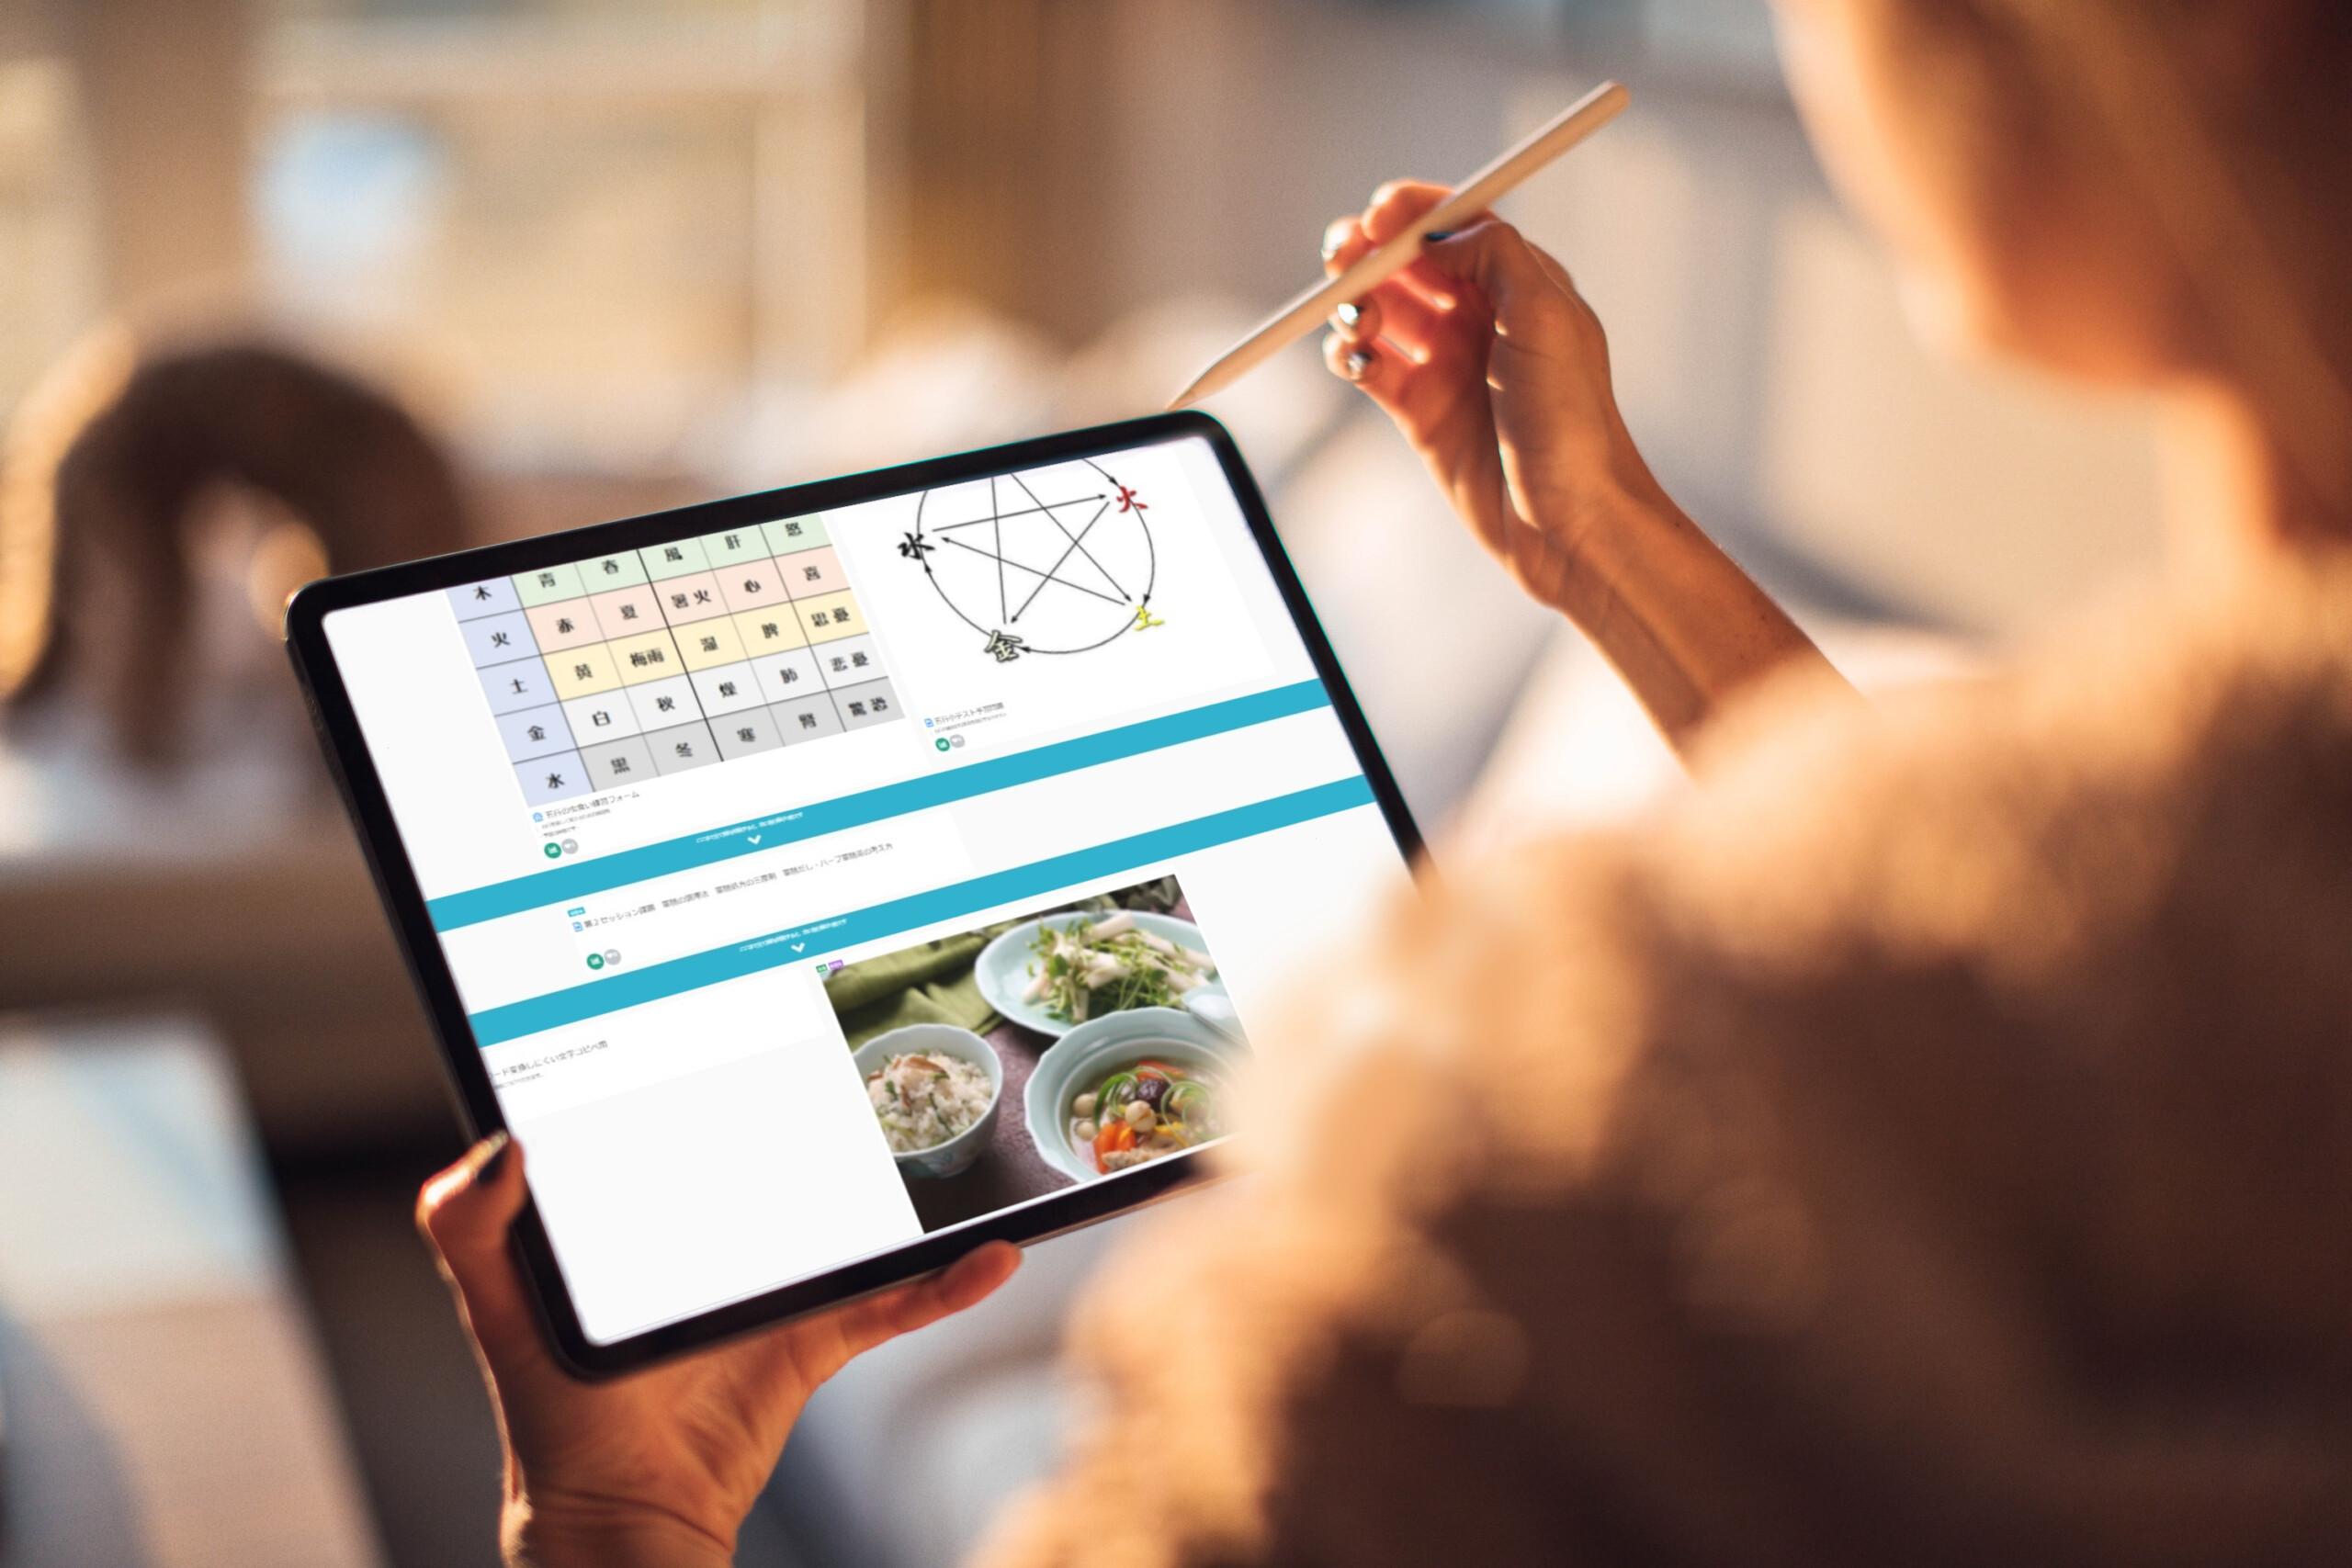 薬膳課題のオンライン学習